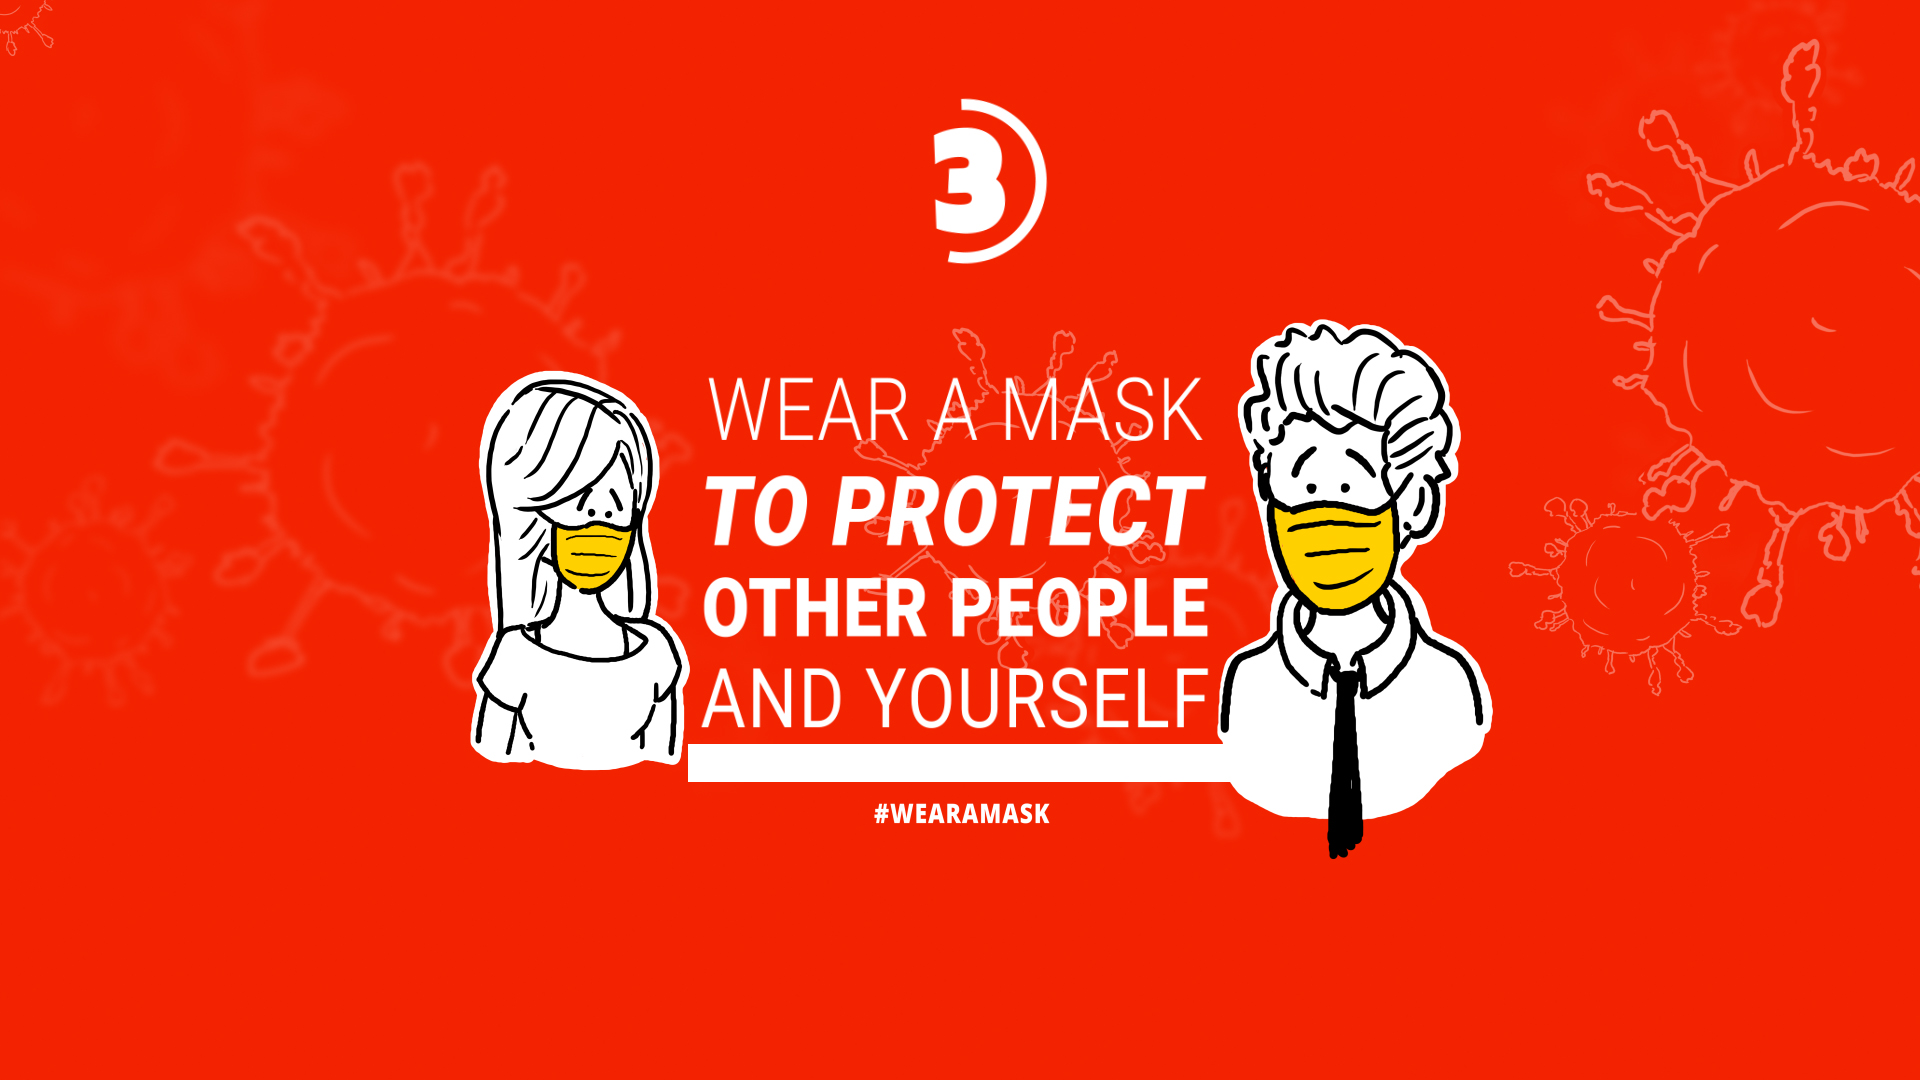 Coronavirus Animation Stay Safe - 2